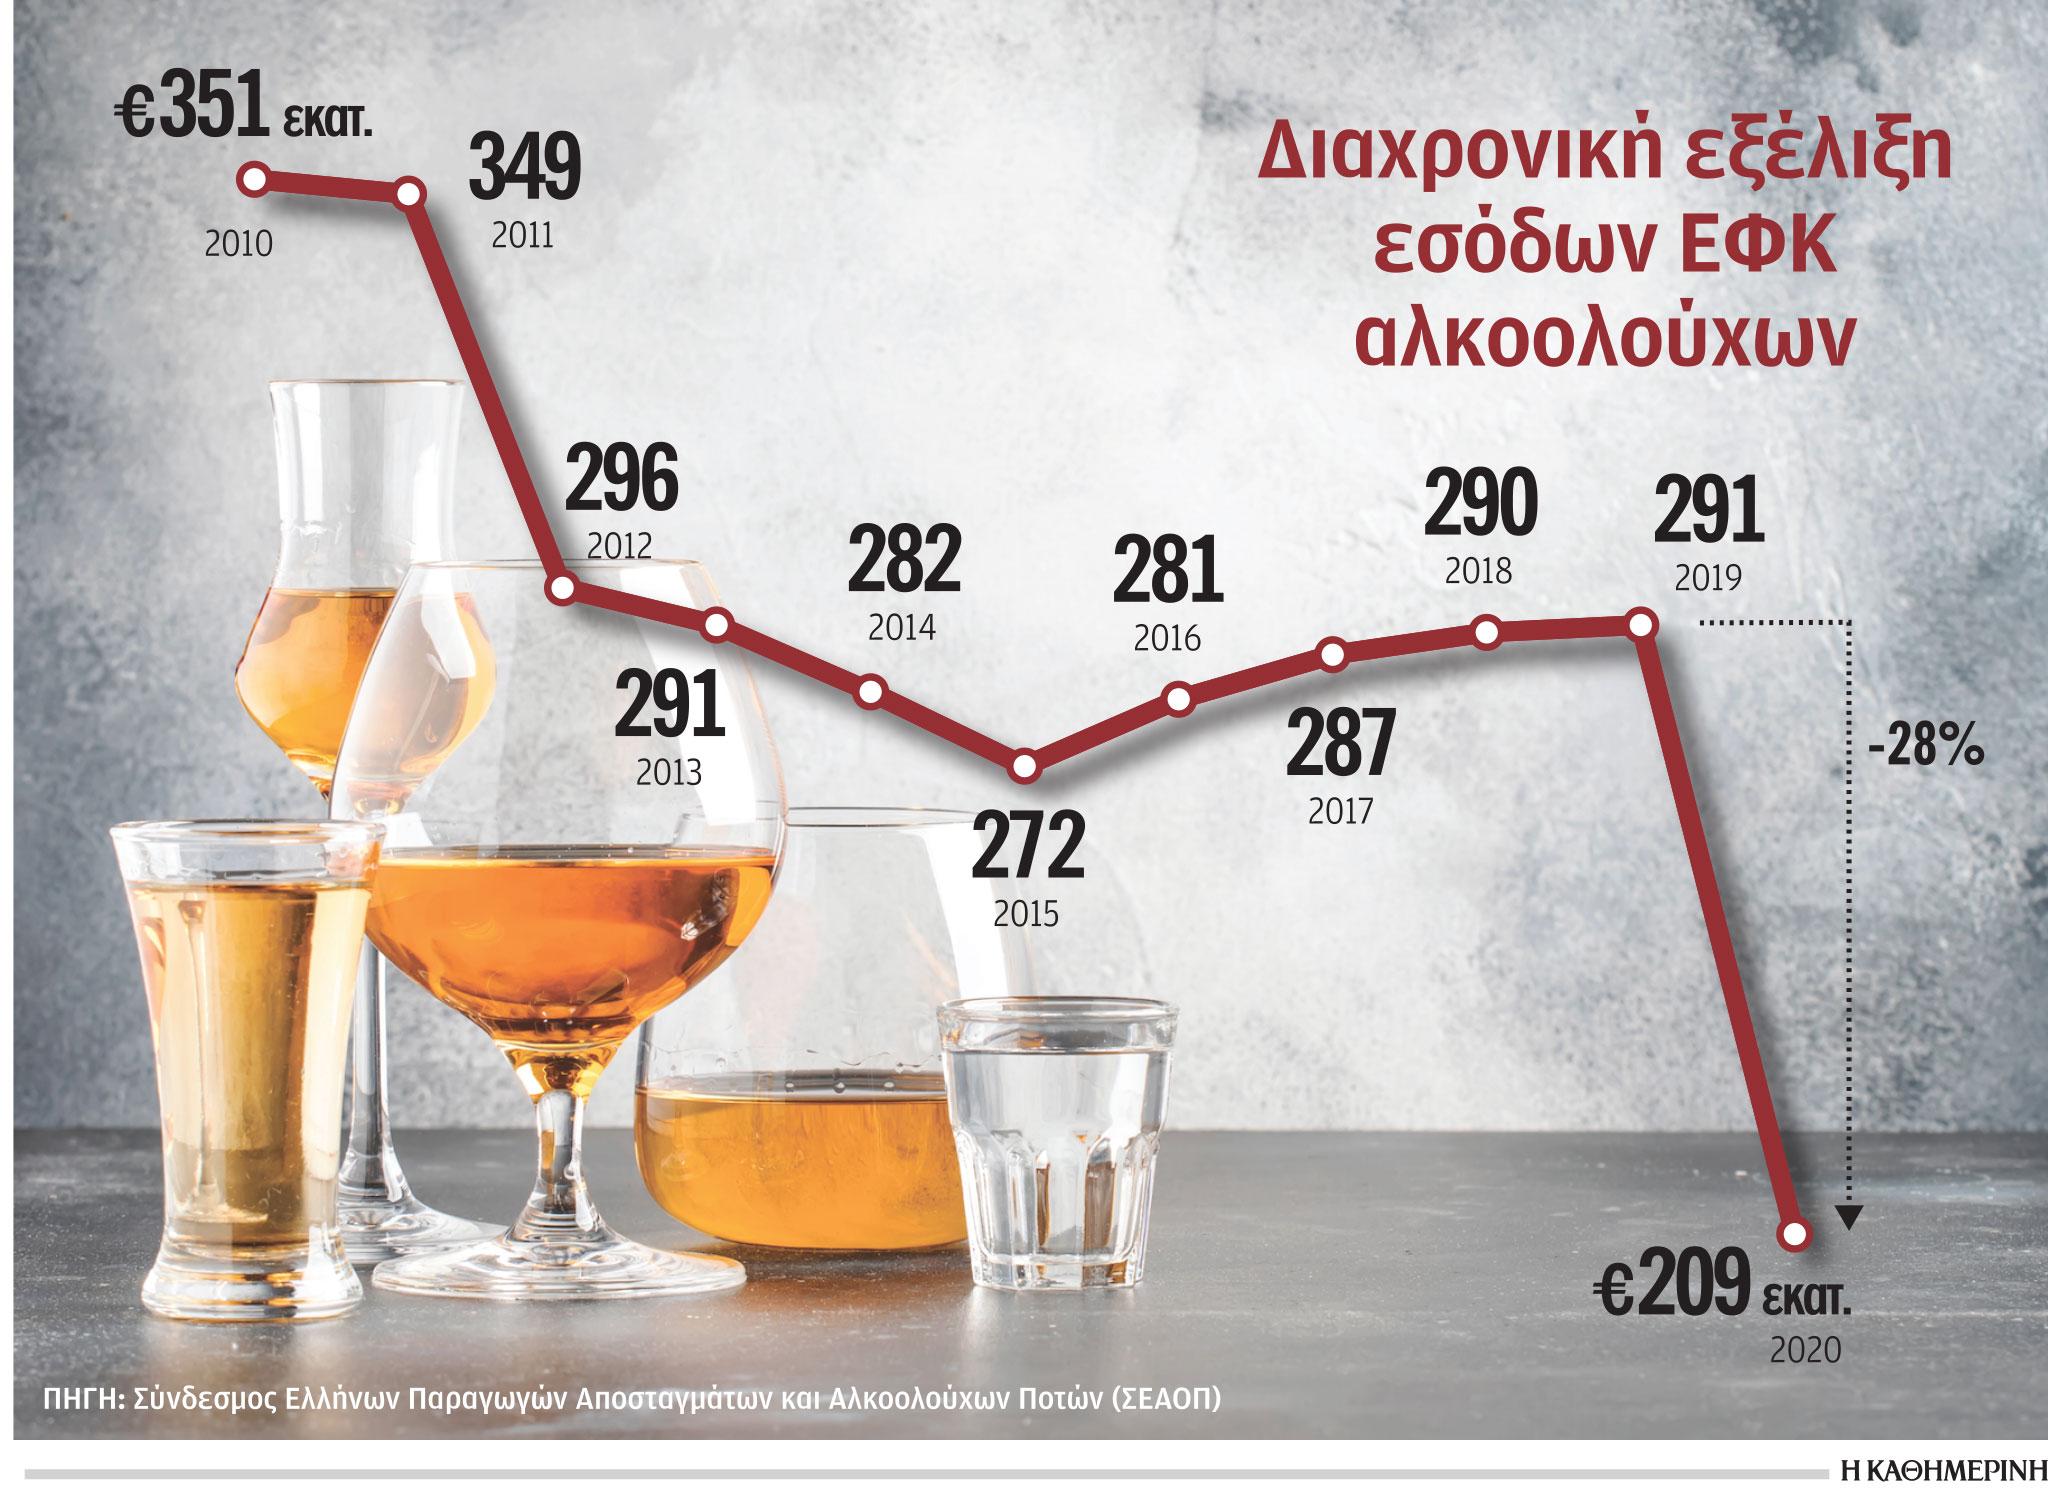 i-pandimia-vythise-ton-klado-ton-alkooloychon-poton1